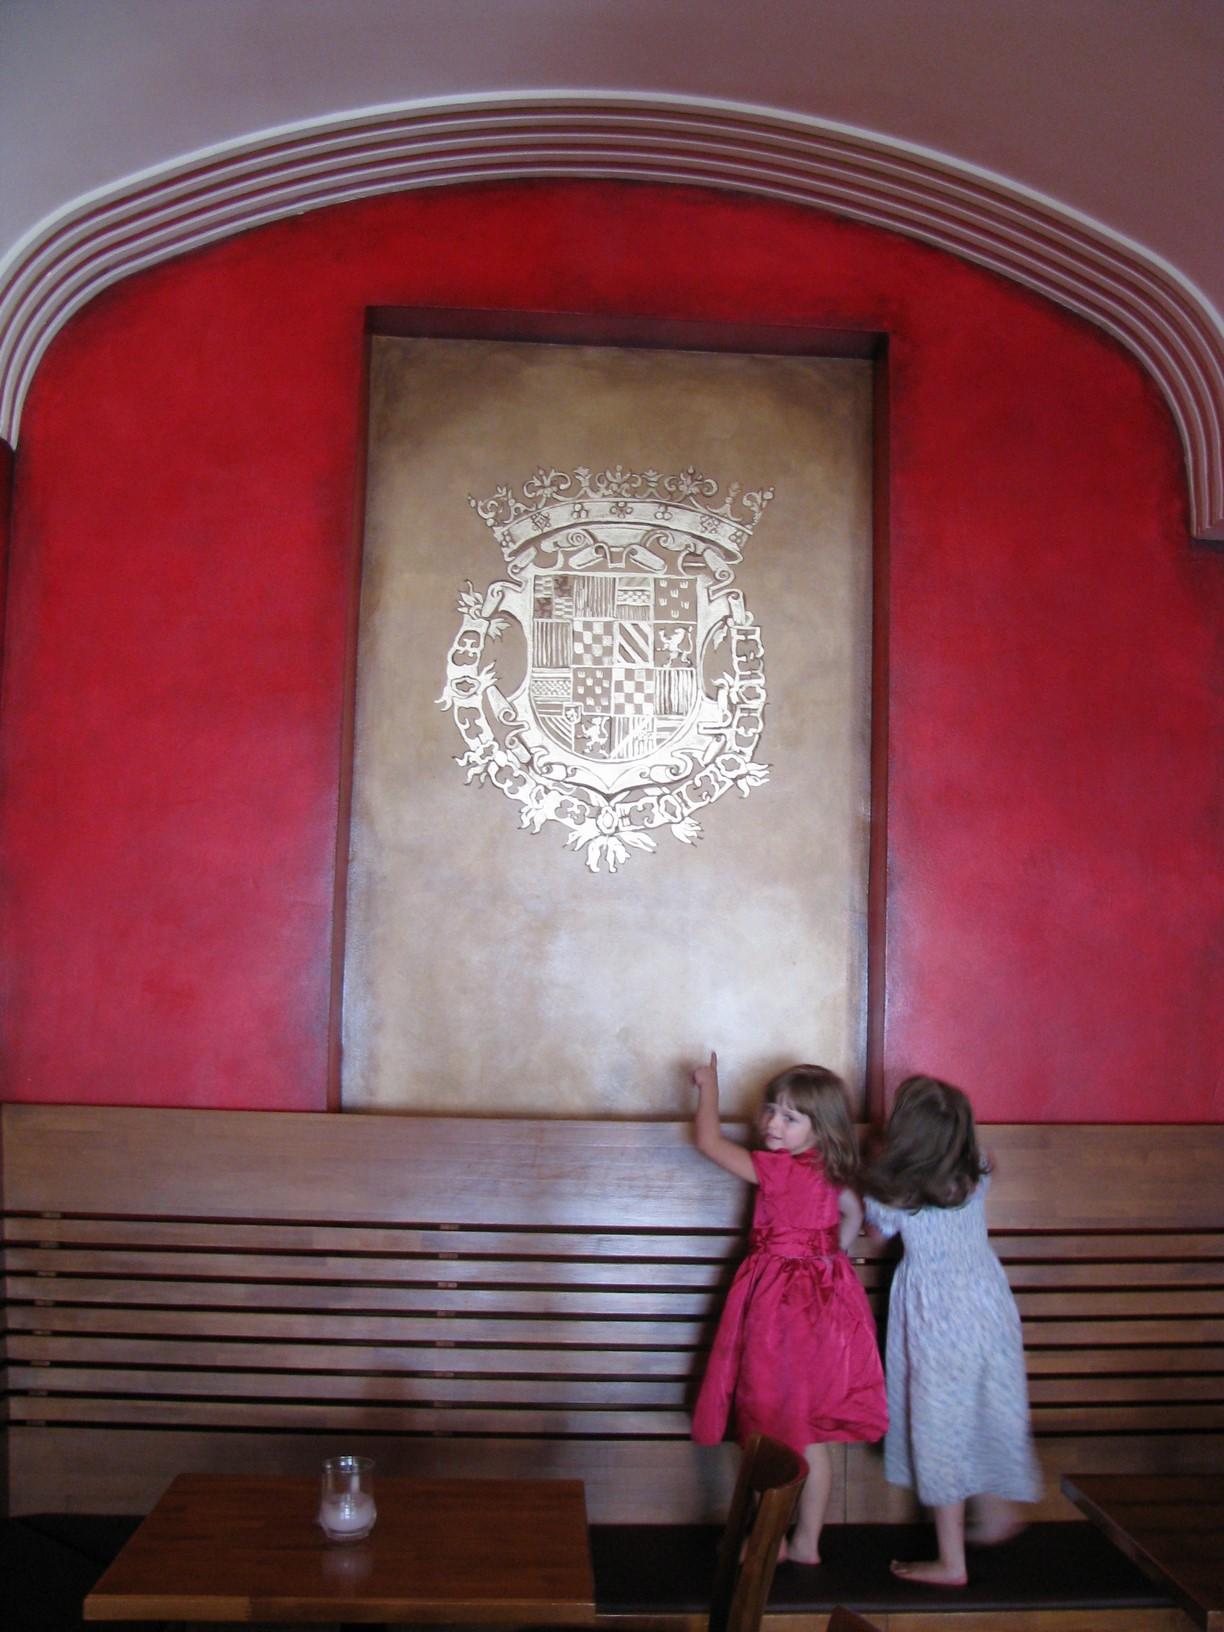 Zu den mittelalterlichen Ornamenten